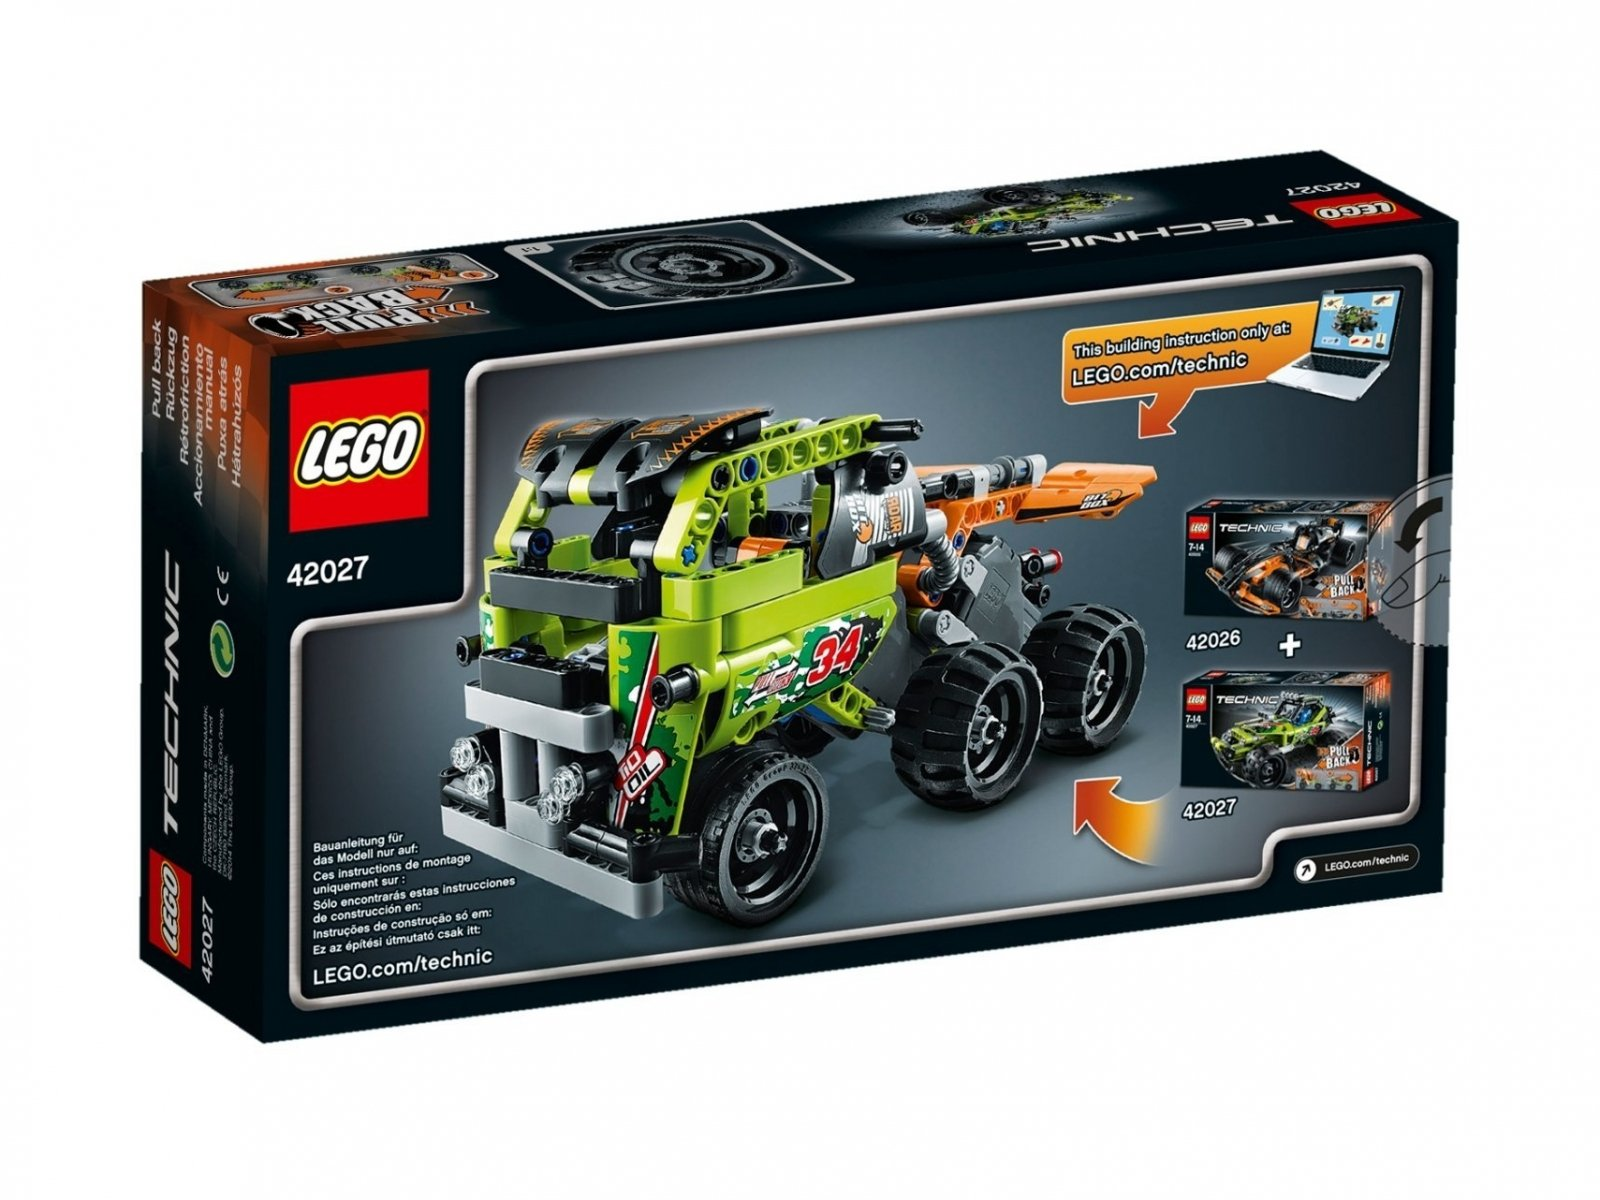 LEGO 42027 Technic Pustynna wyścigówka